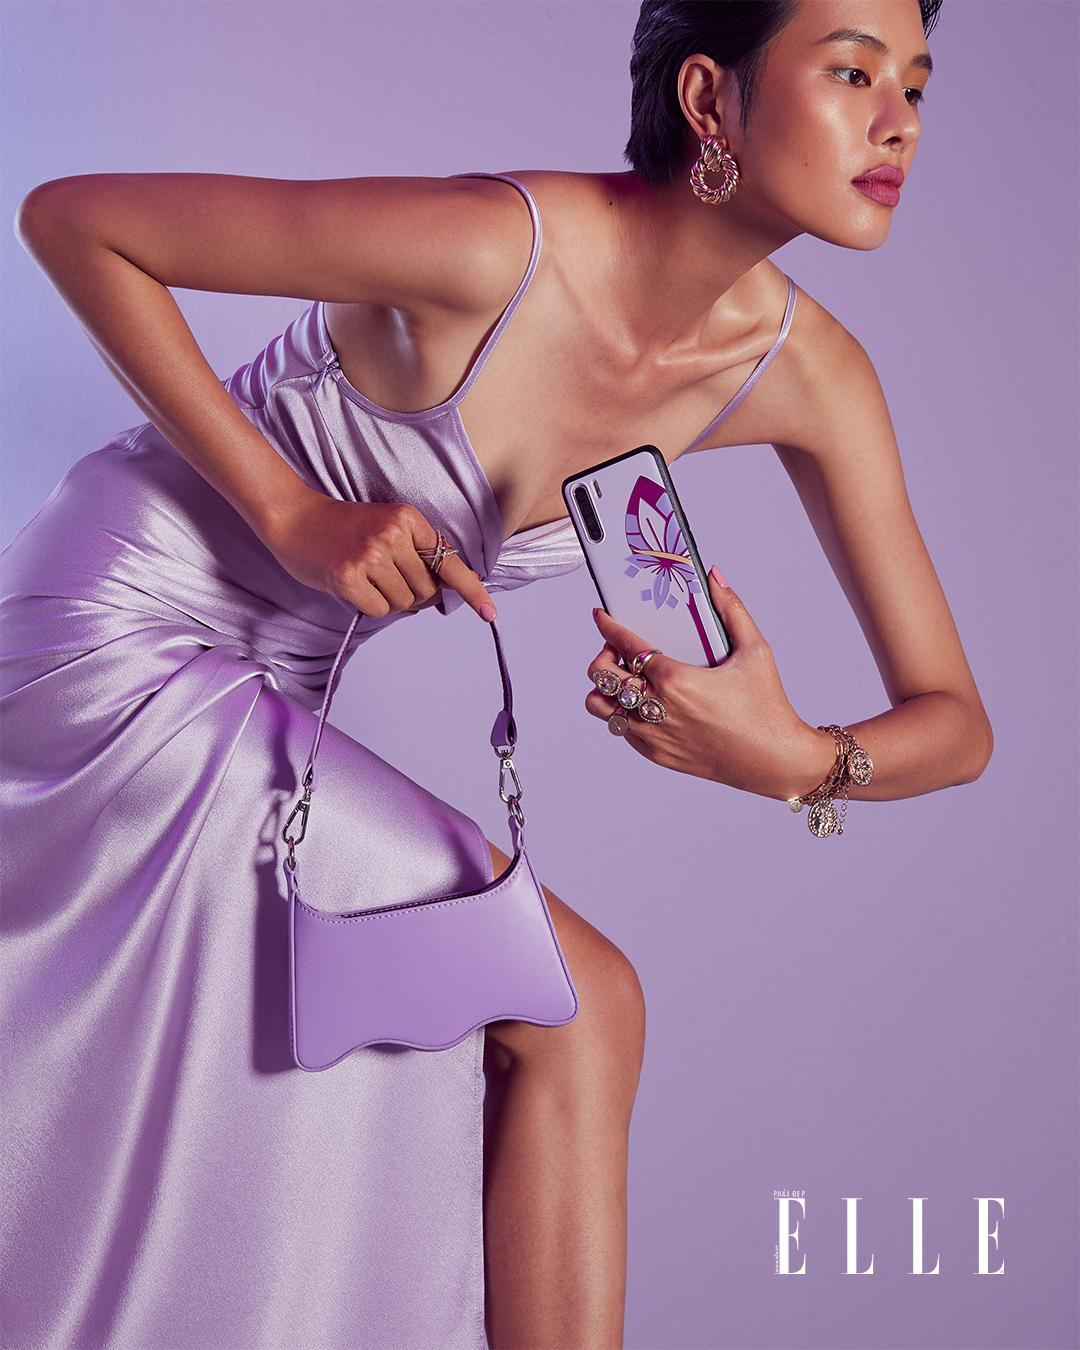 Bộ ảnh thời trang Bản Ngã Thời Thượng - Người mẫu diện đầm lụa tím nhạt, cầm điện thoại OPPO Reno3